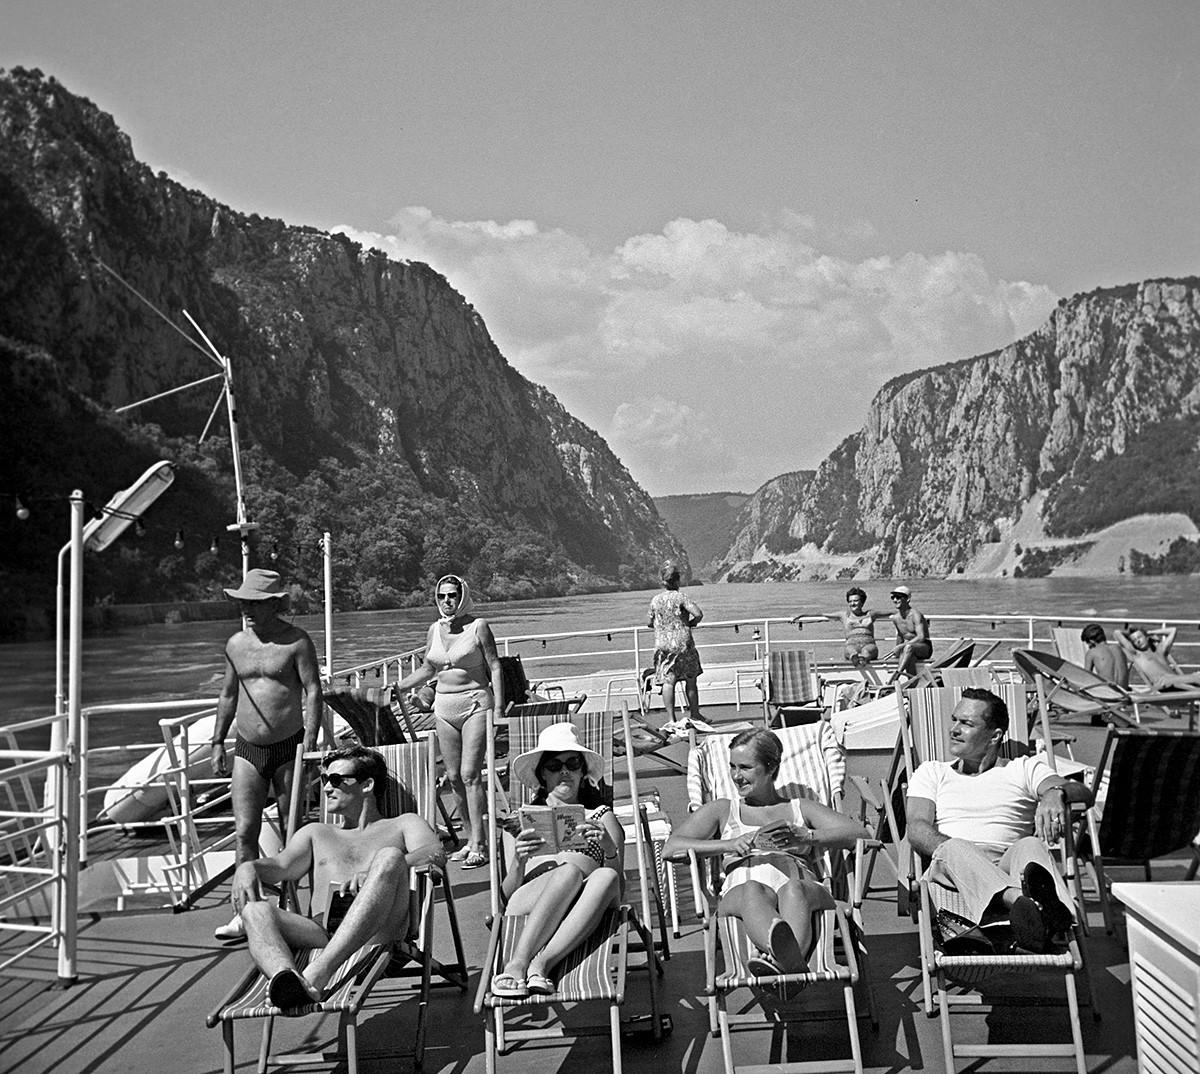 Turistas en la cubierta de un barco en el Danubio, 1969.